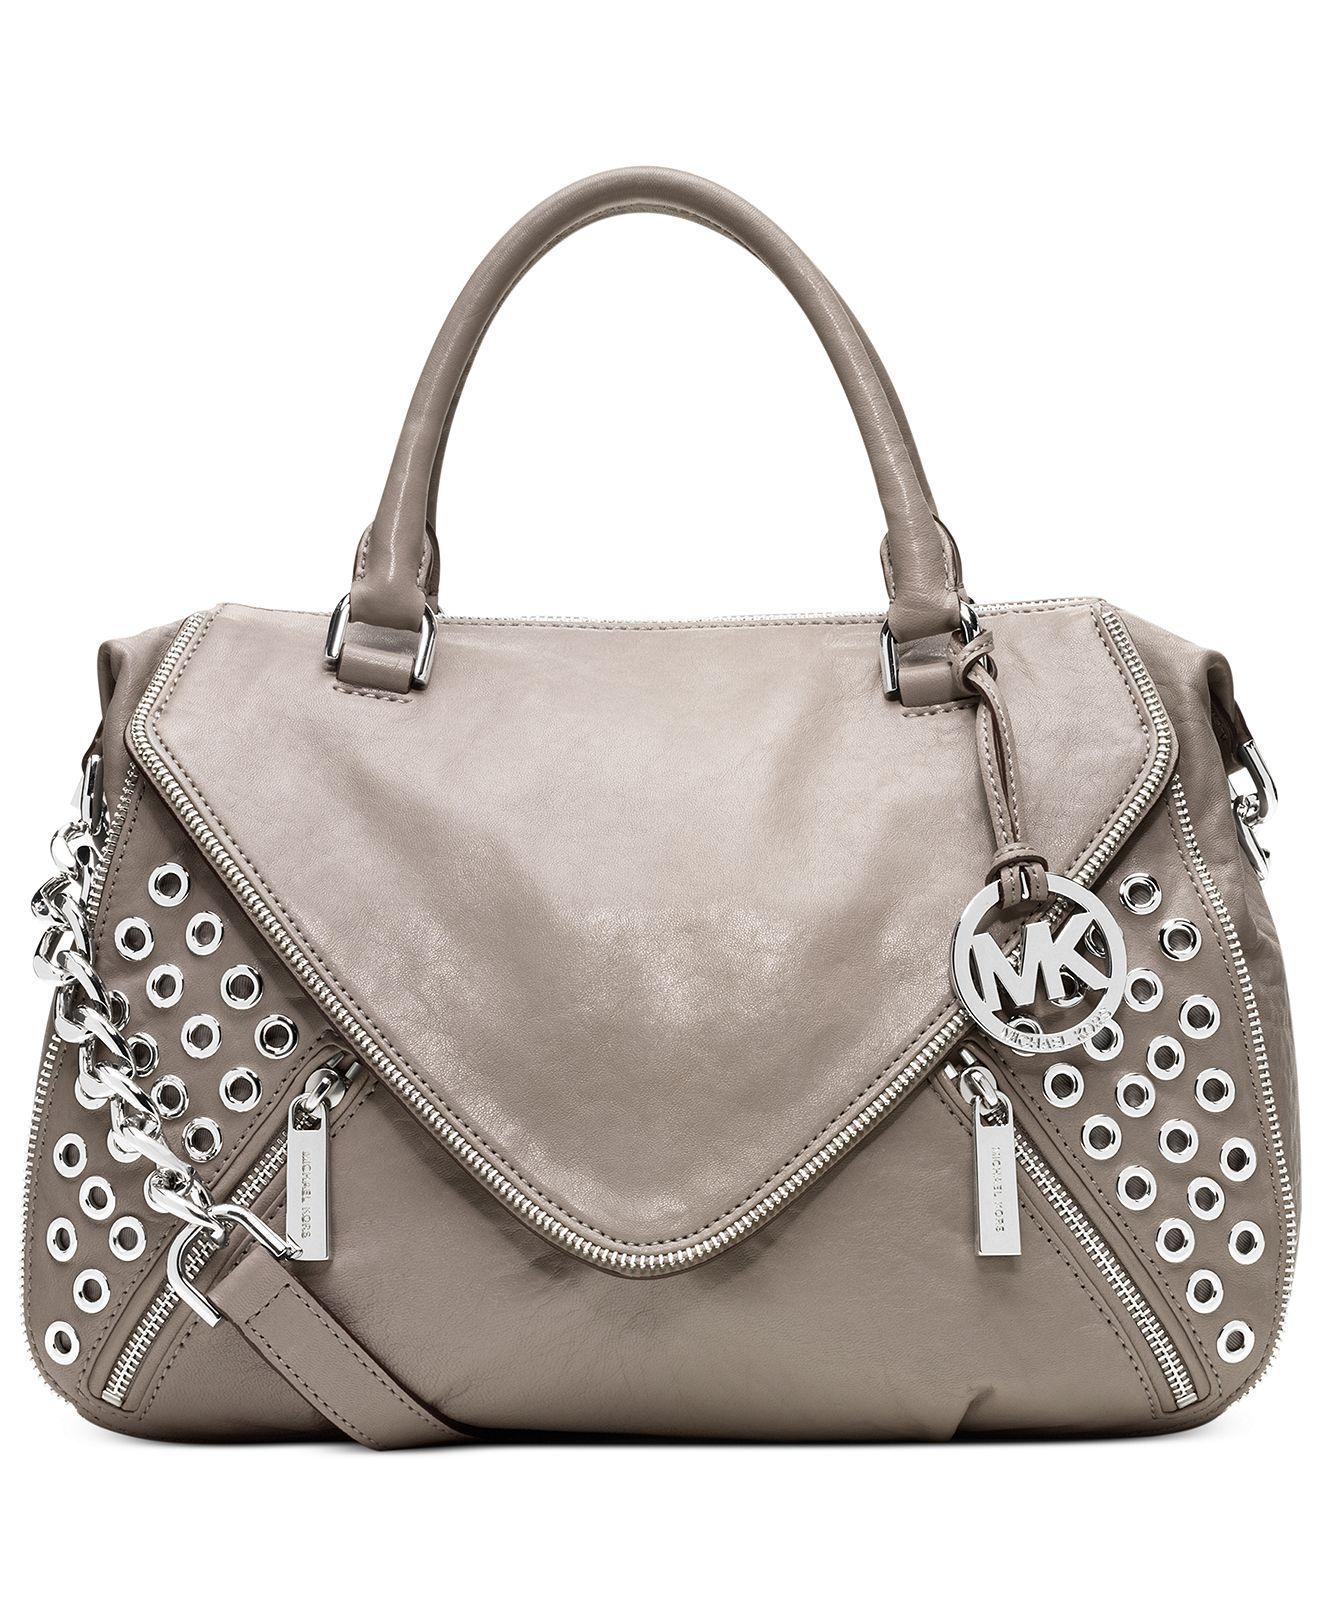 MICHAEL Michael Kors Handbag, Odette Grommet Satchel - Handbags & Accessories - Macy's